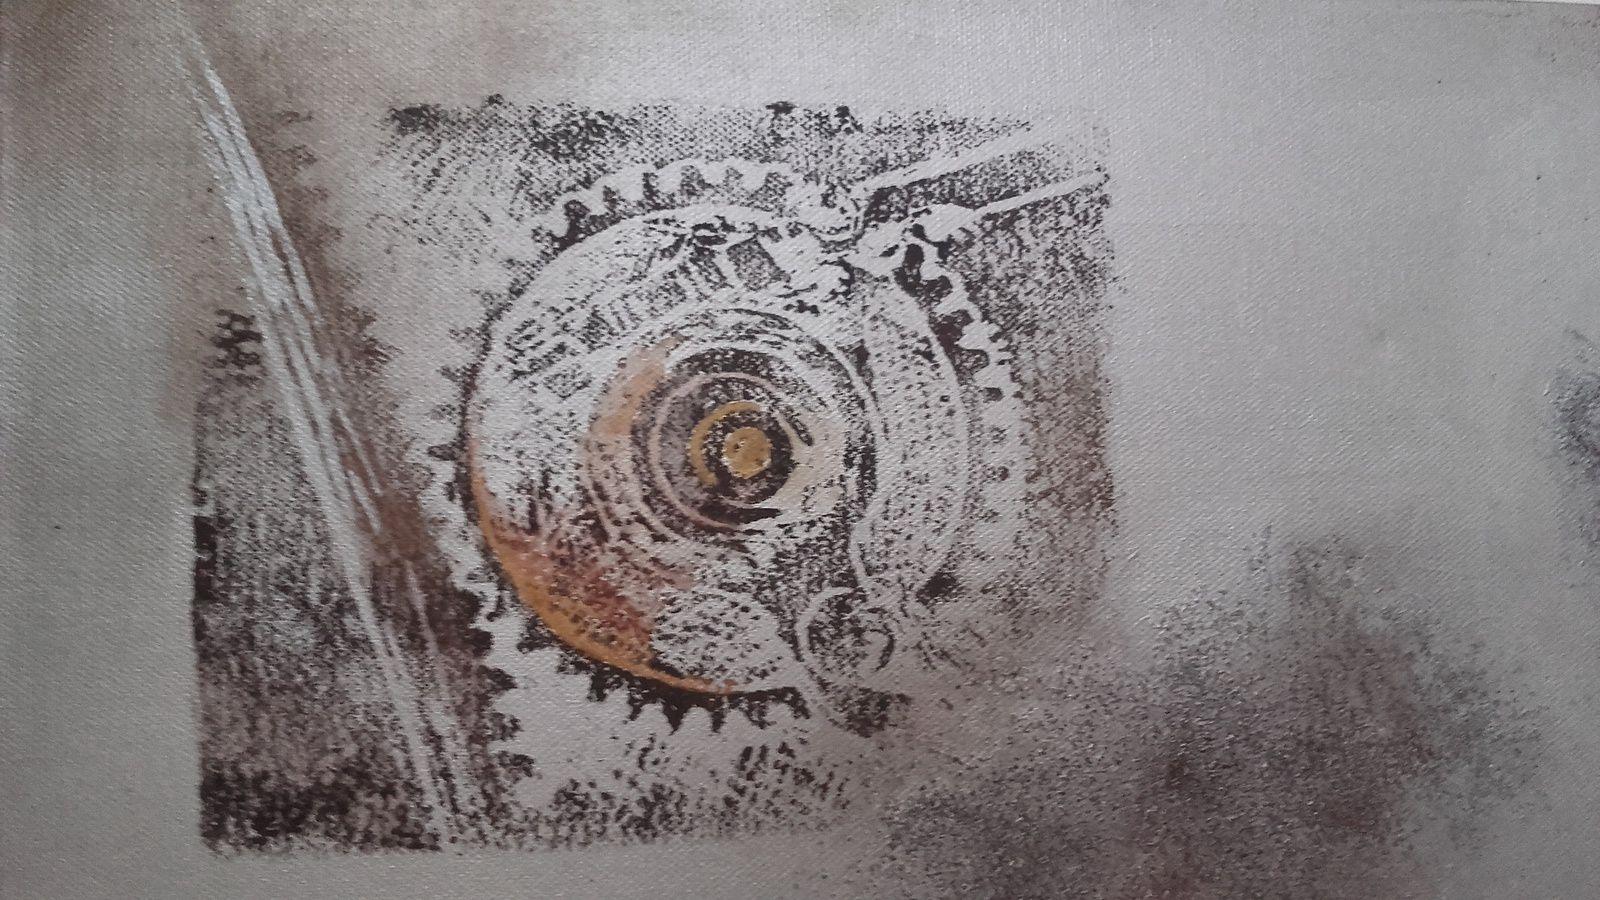 Technique mixte (acrylique sur toile, sable, gravure) - 2012 - 40 x 80 cm